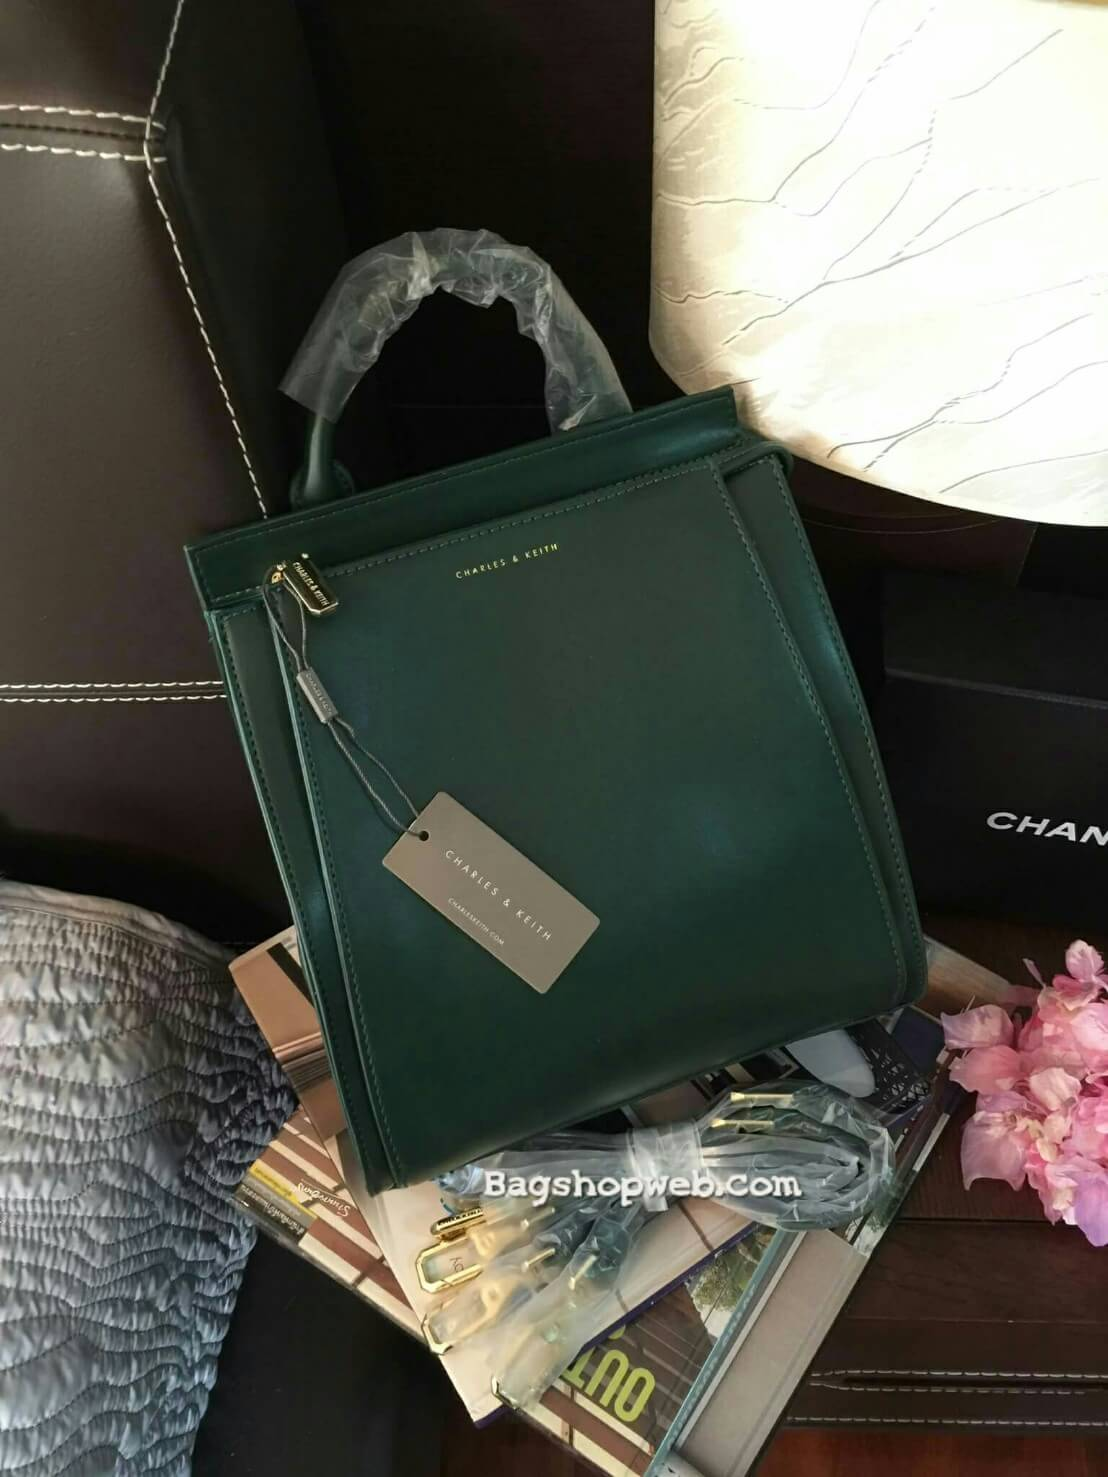 กระเป๋า CHARLES & KEITH TOP HANDLE BAG สีเขียว กระเป๋าถือหรือสะพายรุ่นใหม่ล่าสุดแบบชนช็อป